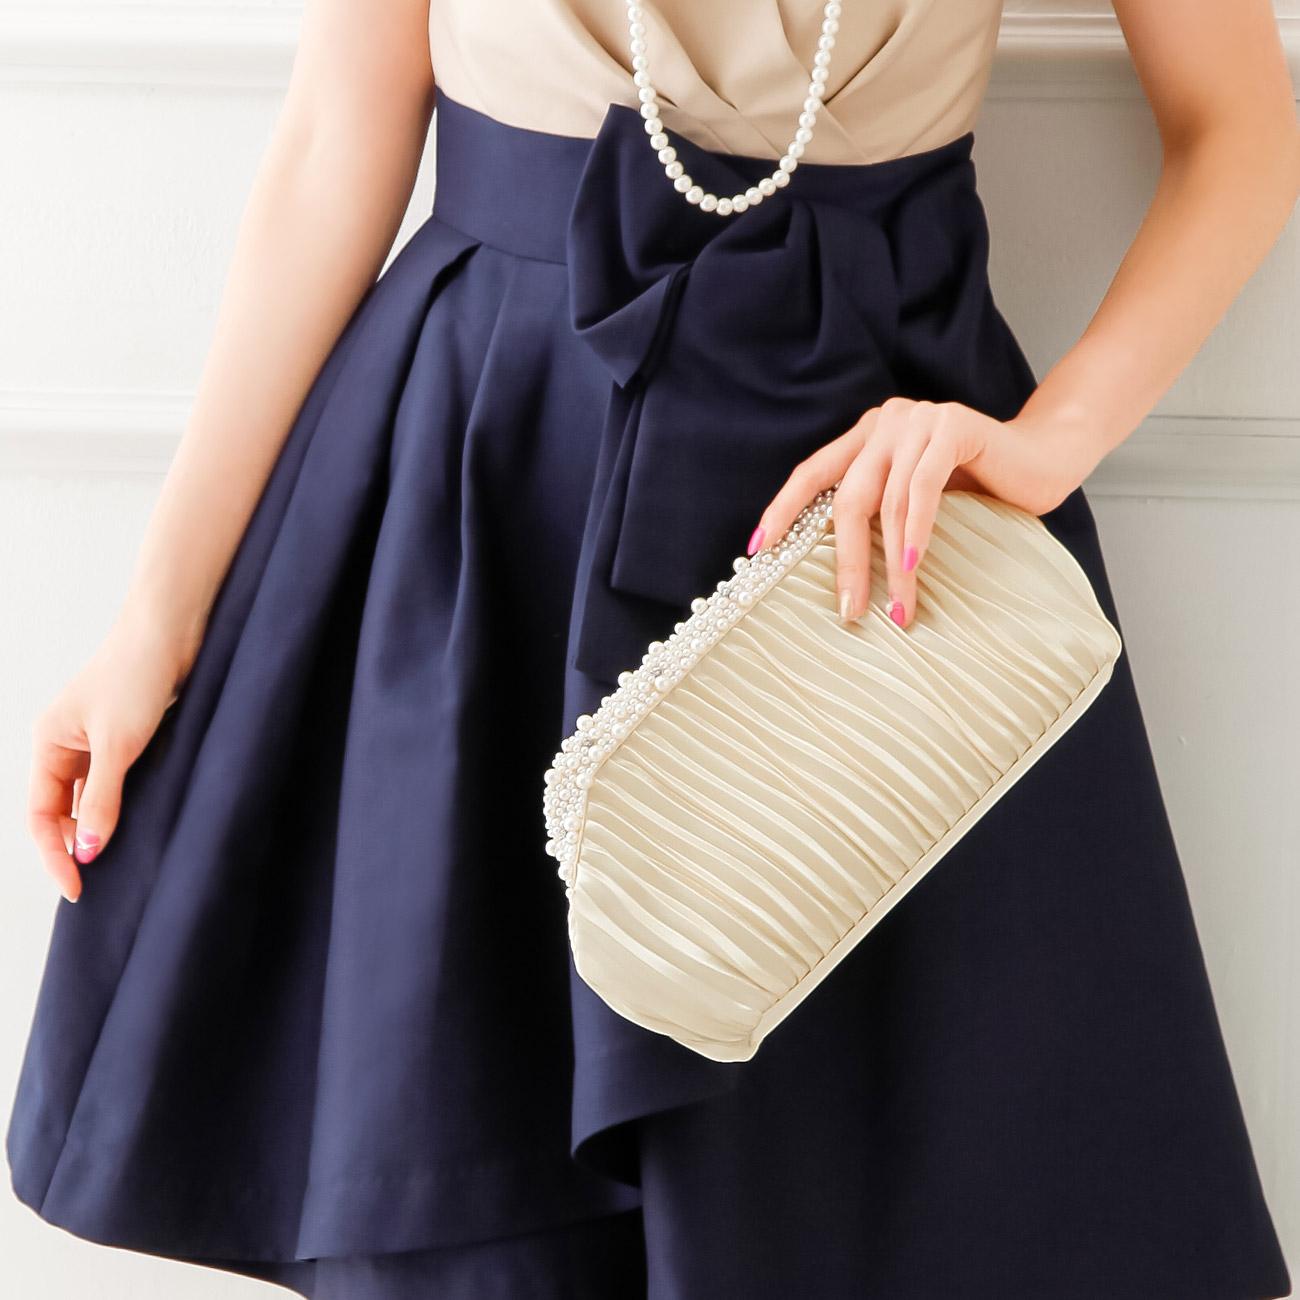 結婚式はおしゃれな鞄を持って参列しよう☆人気の結婚式の鞄は?のサムネイル画像